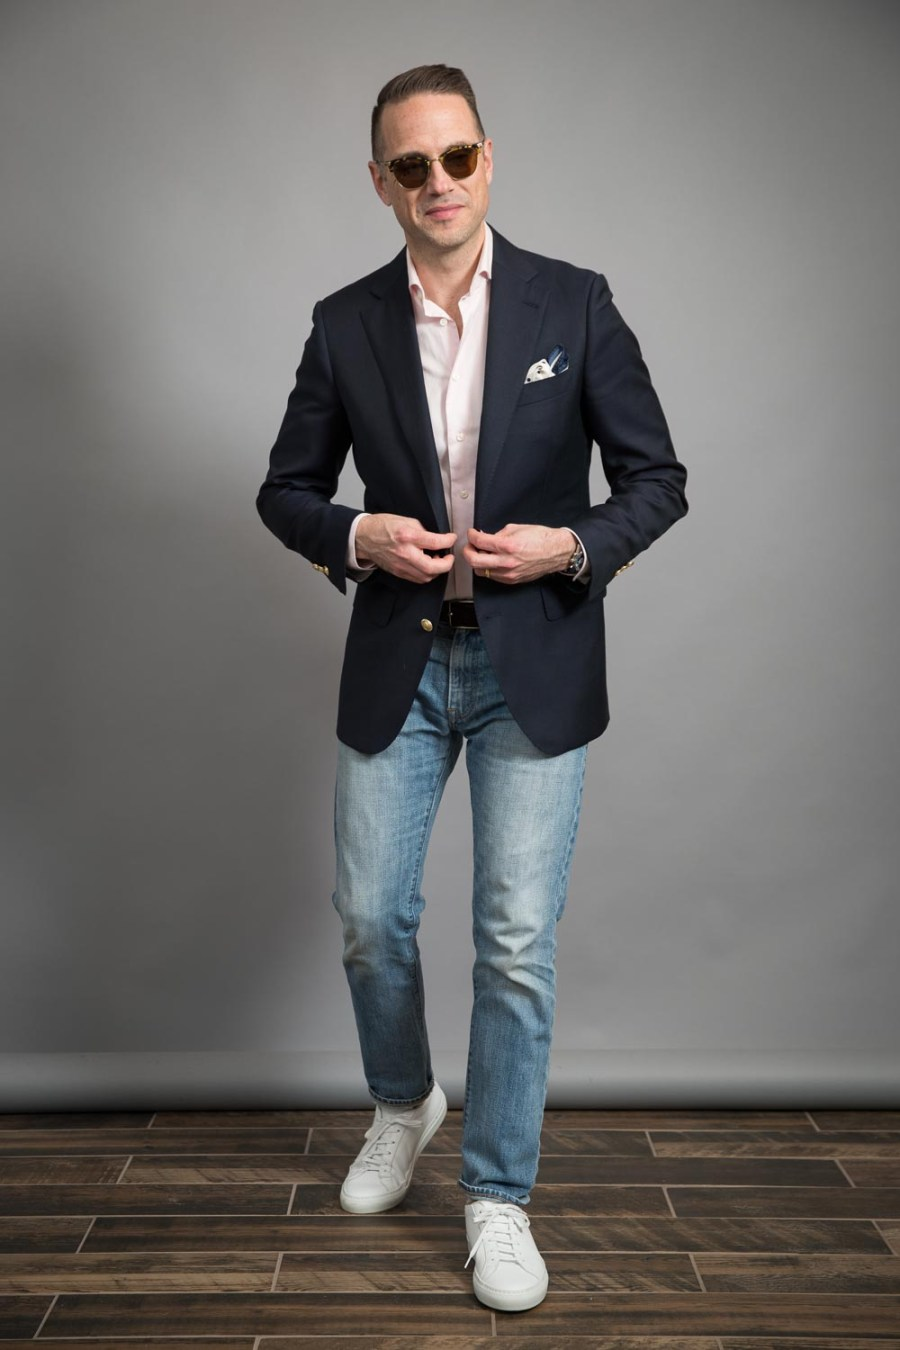 como-usar-um-blazer-marinho-casual-masculino-e-jeans-look-for-spring-pink-shirt-white-white